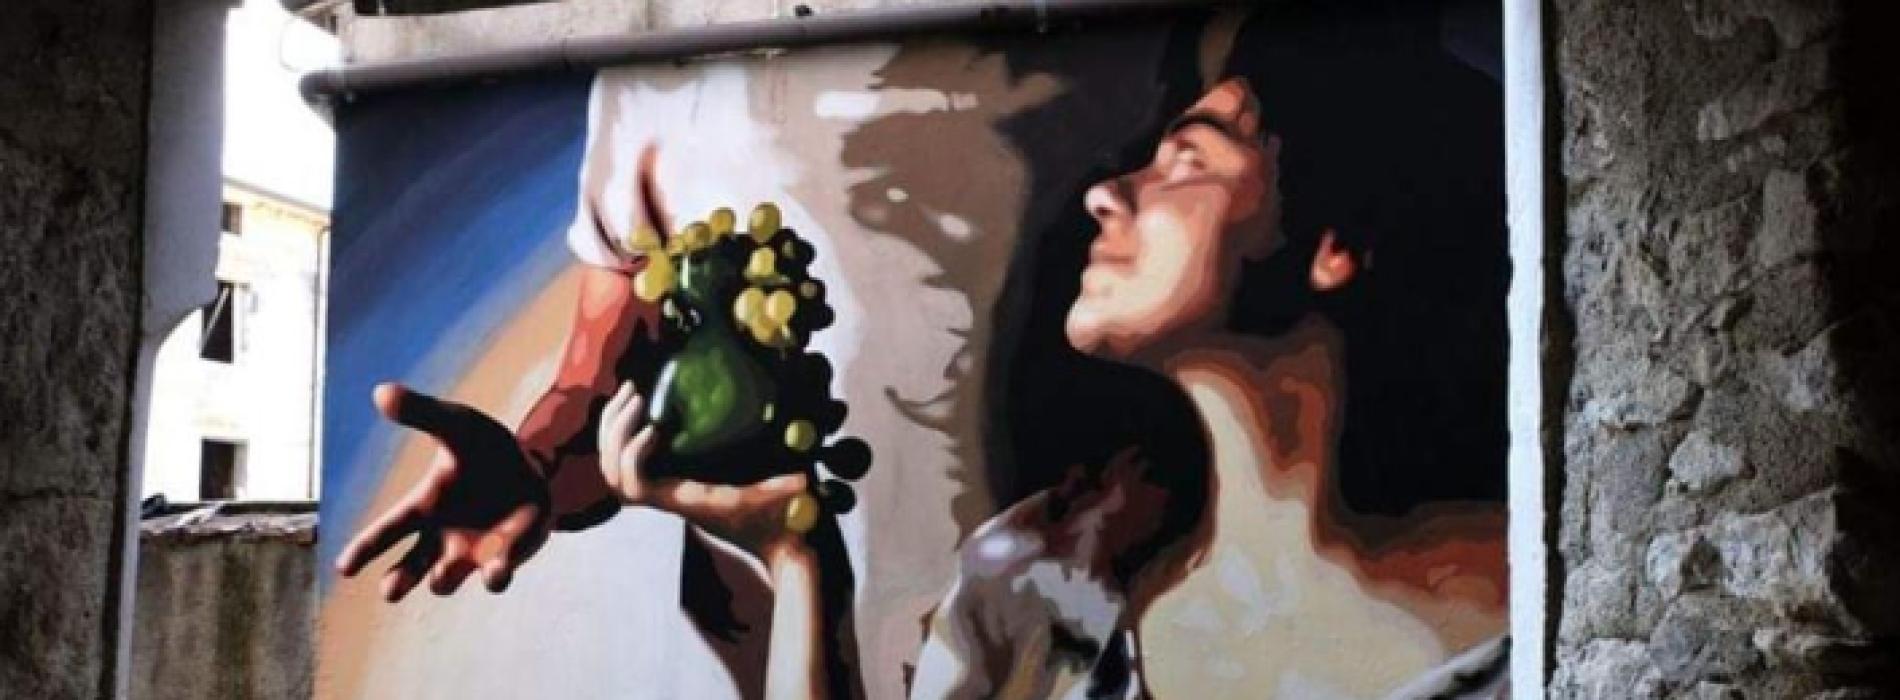 Notti magiche di San Giovanni, l'arte va in cantina a Vairano